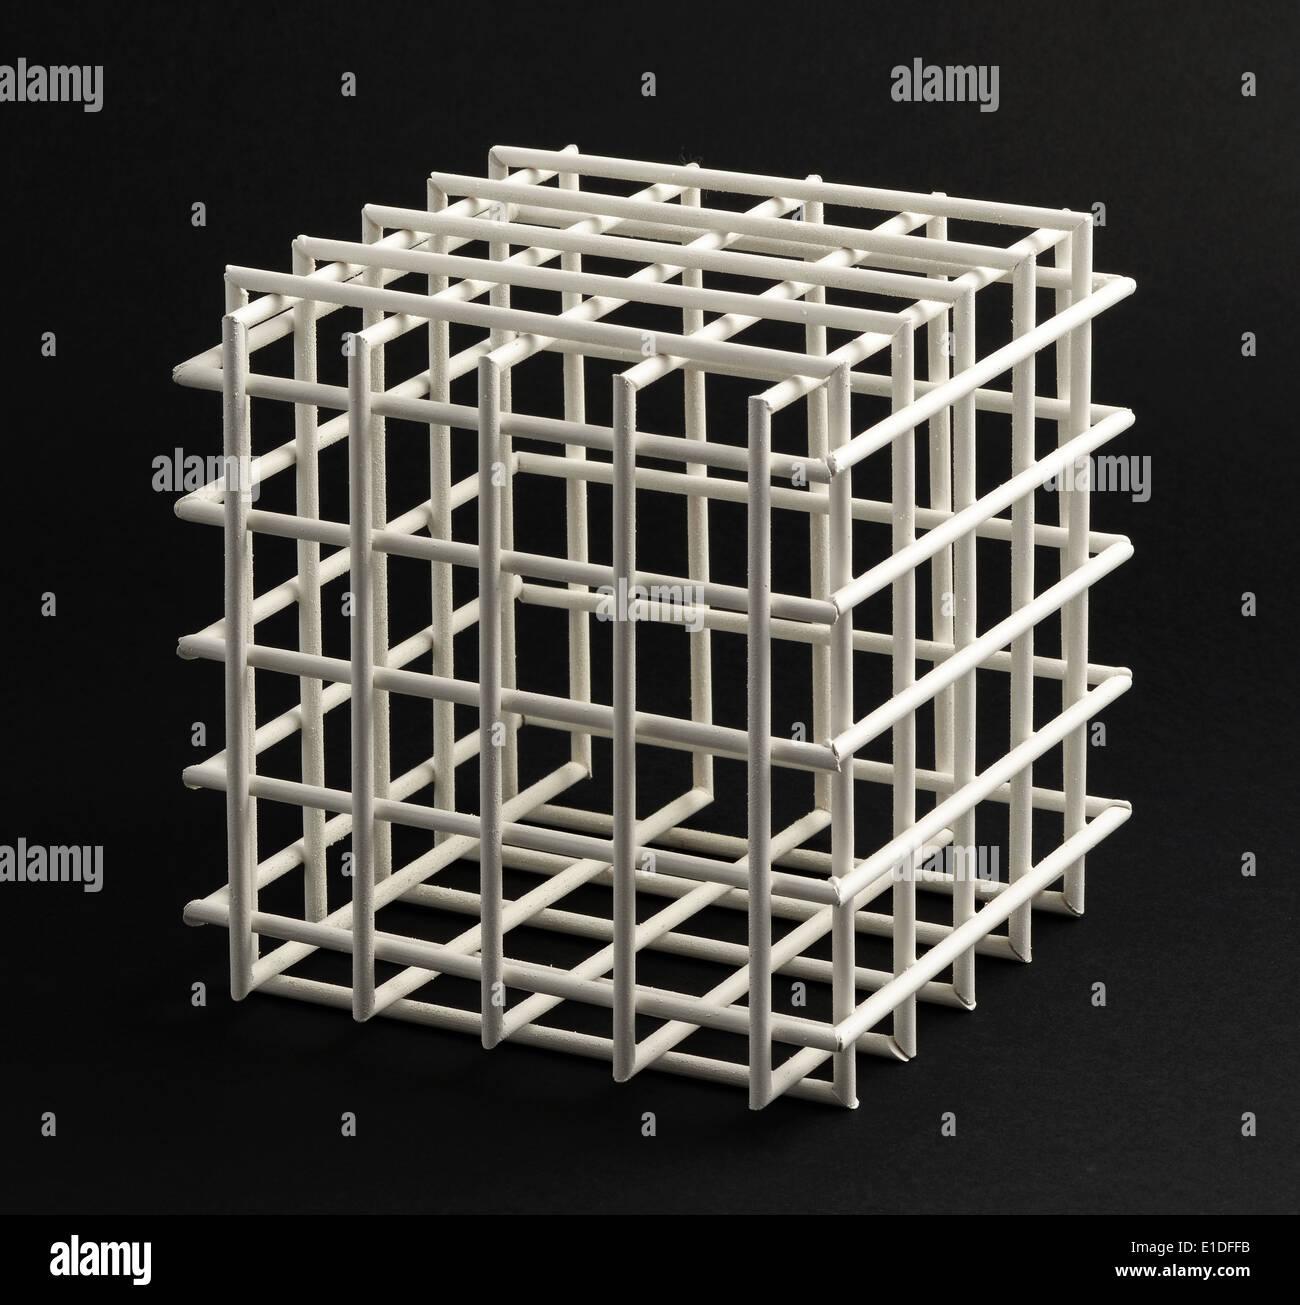 Abra vacía estructura cúbica de celosía con lados equilátero en una típica forma de cubo geométrico sobre un fondo negro en formato cuadrado Foto de stock